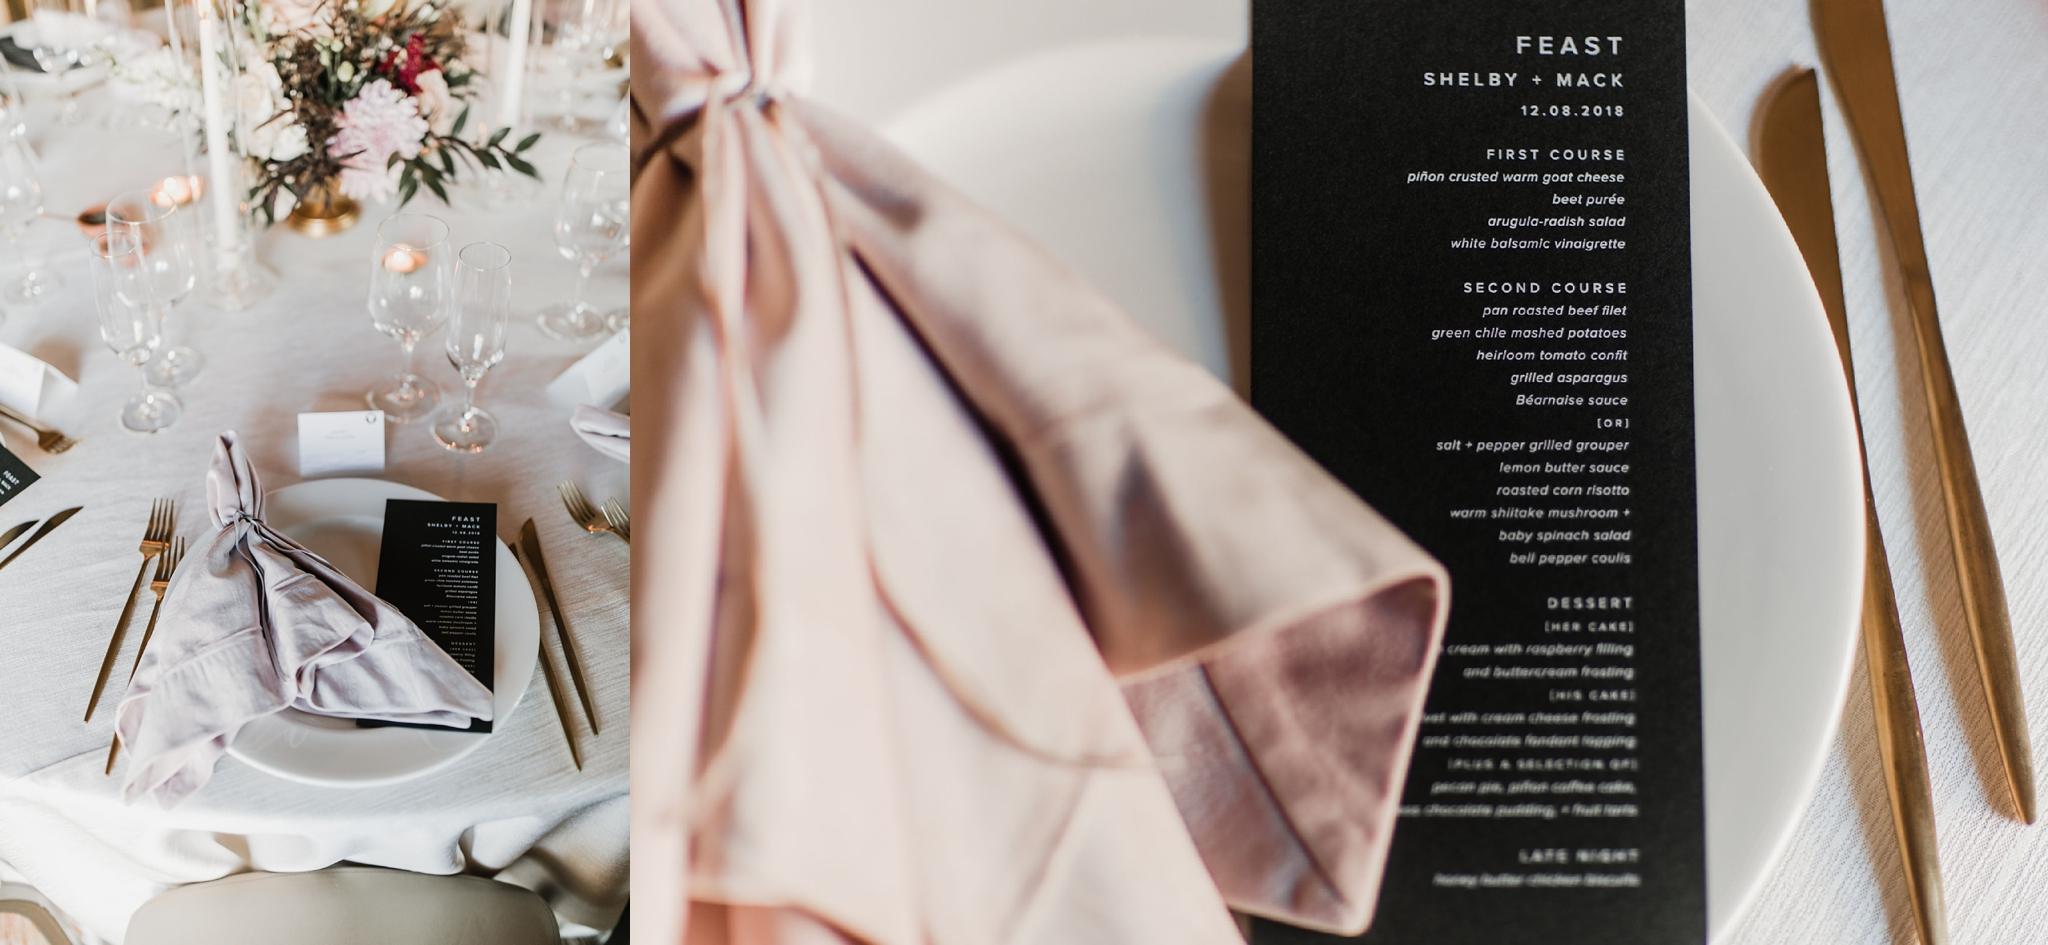 Alicia+lucia+photography+-+albuquerque+wedding+photographer+-+santa+fe+wedding+photography+-+new+mexico+wedding+photographer+-+new+mexico+wedding+-+santa+fe+wedding+-+four+seasons+wedding+-+winter+wedding_0109.jpg